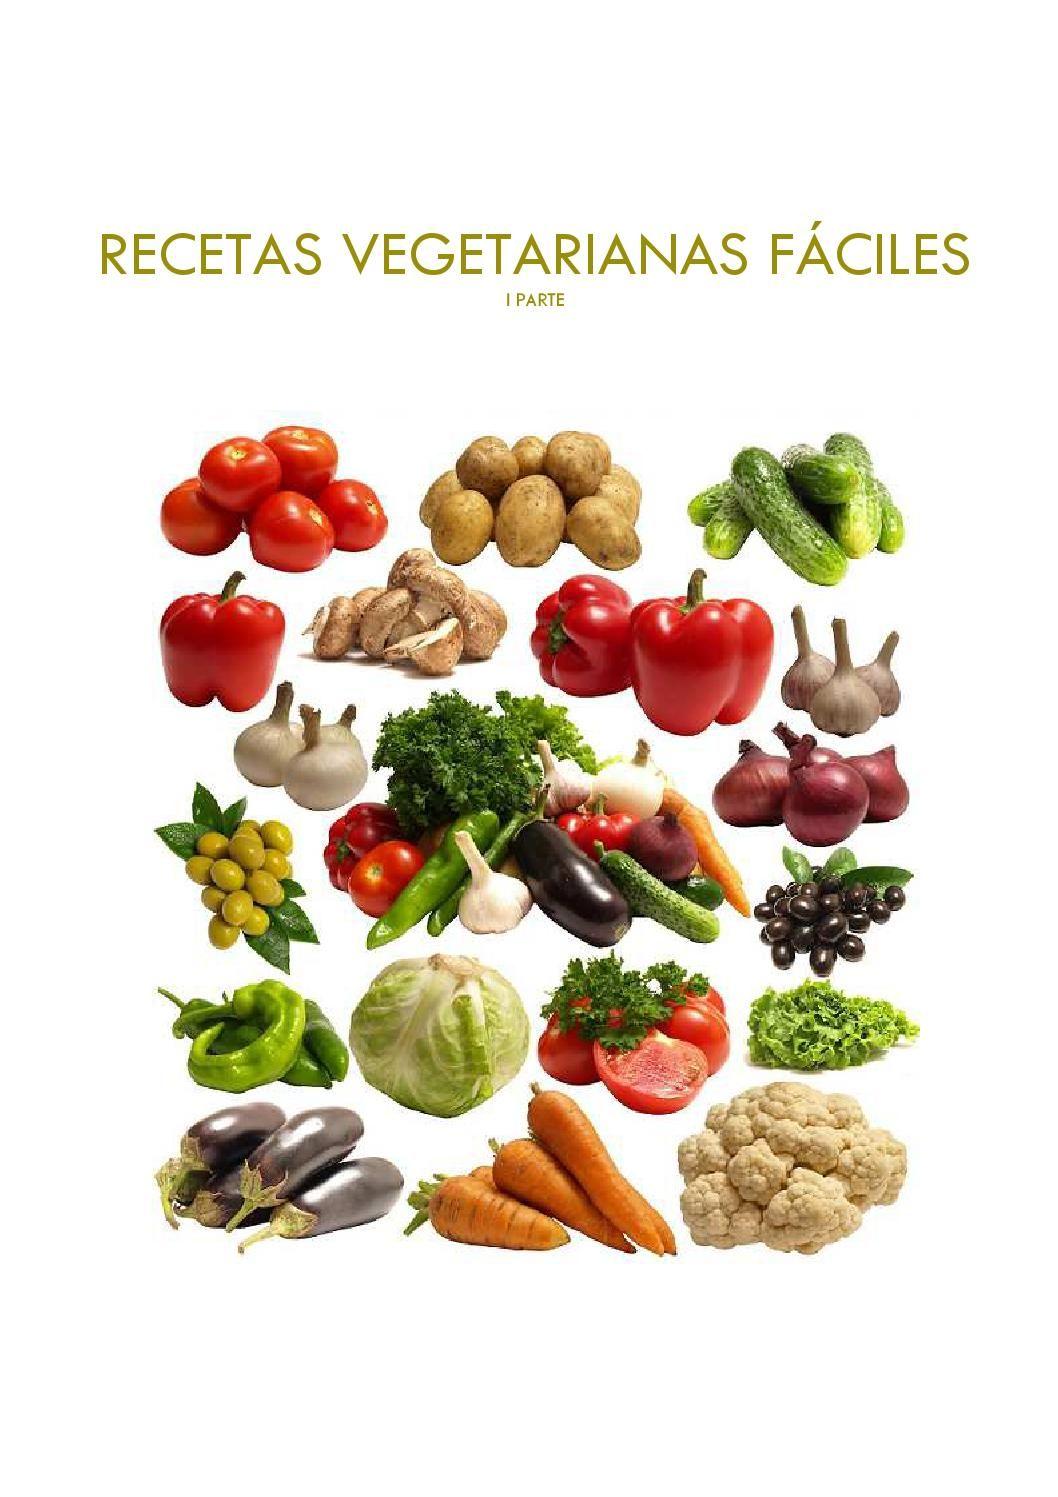 Recetas vegetarianas fciles con thermomix parte 1